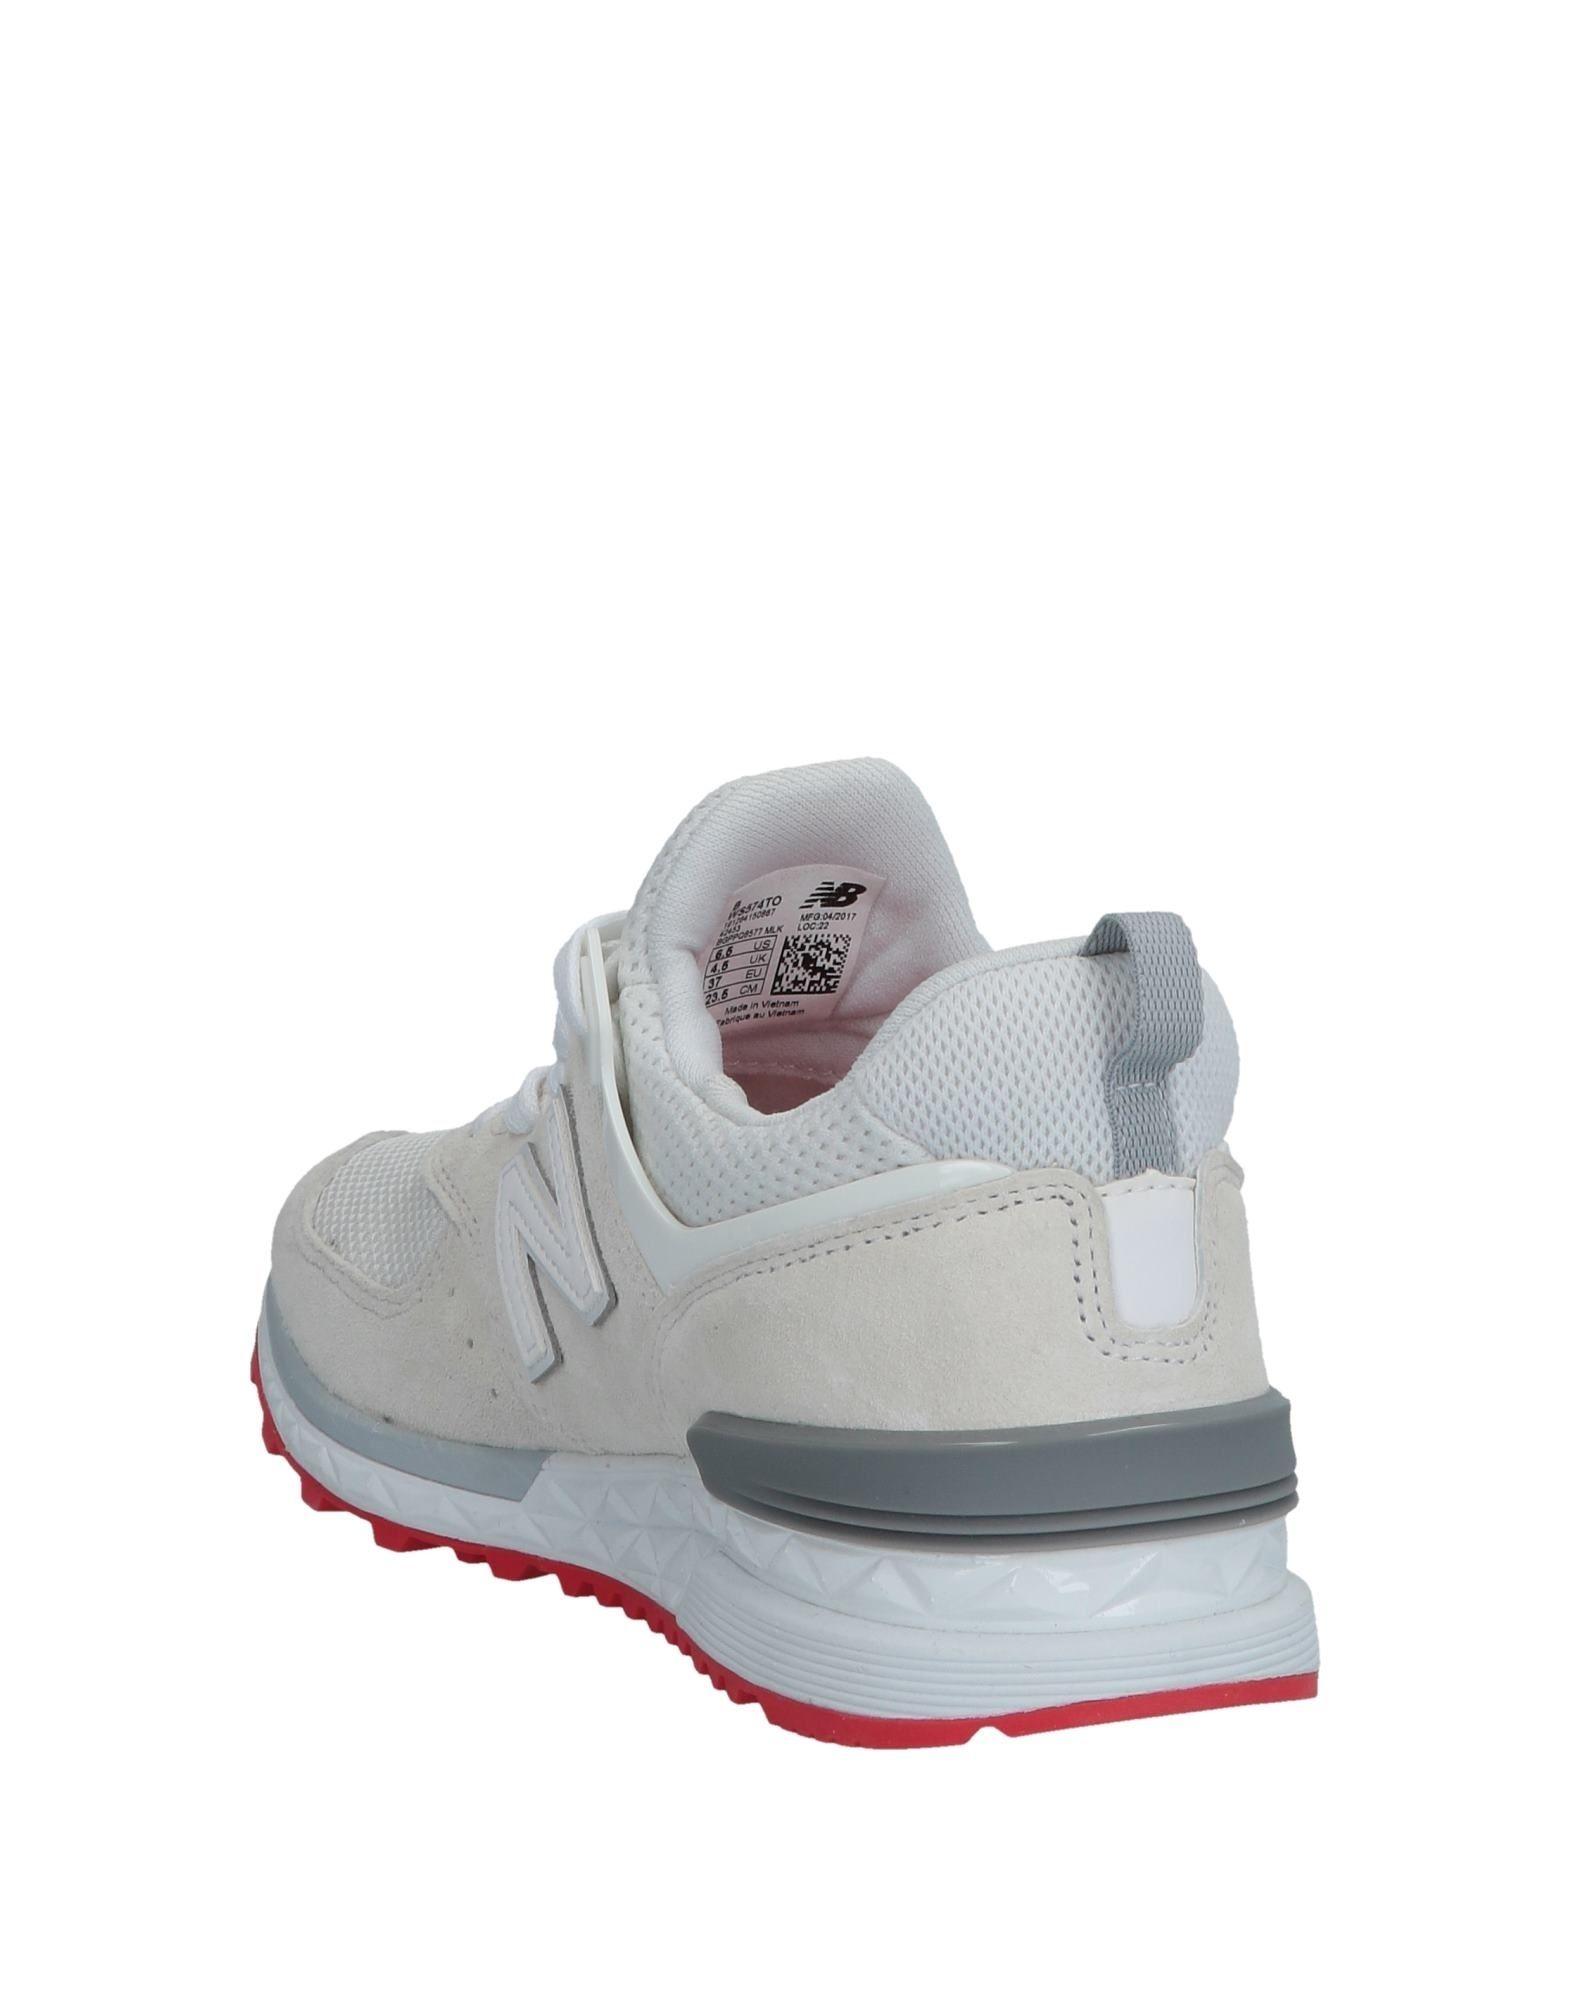 New Balance Sneakers Qualität Damen  11571680HF Gute Qualität Sneakers beliebte Schuhe 88715f